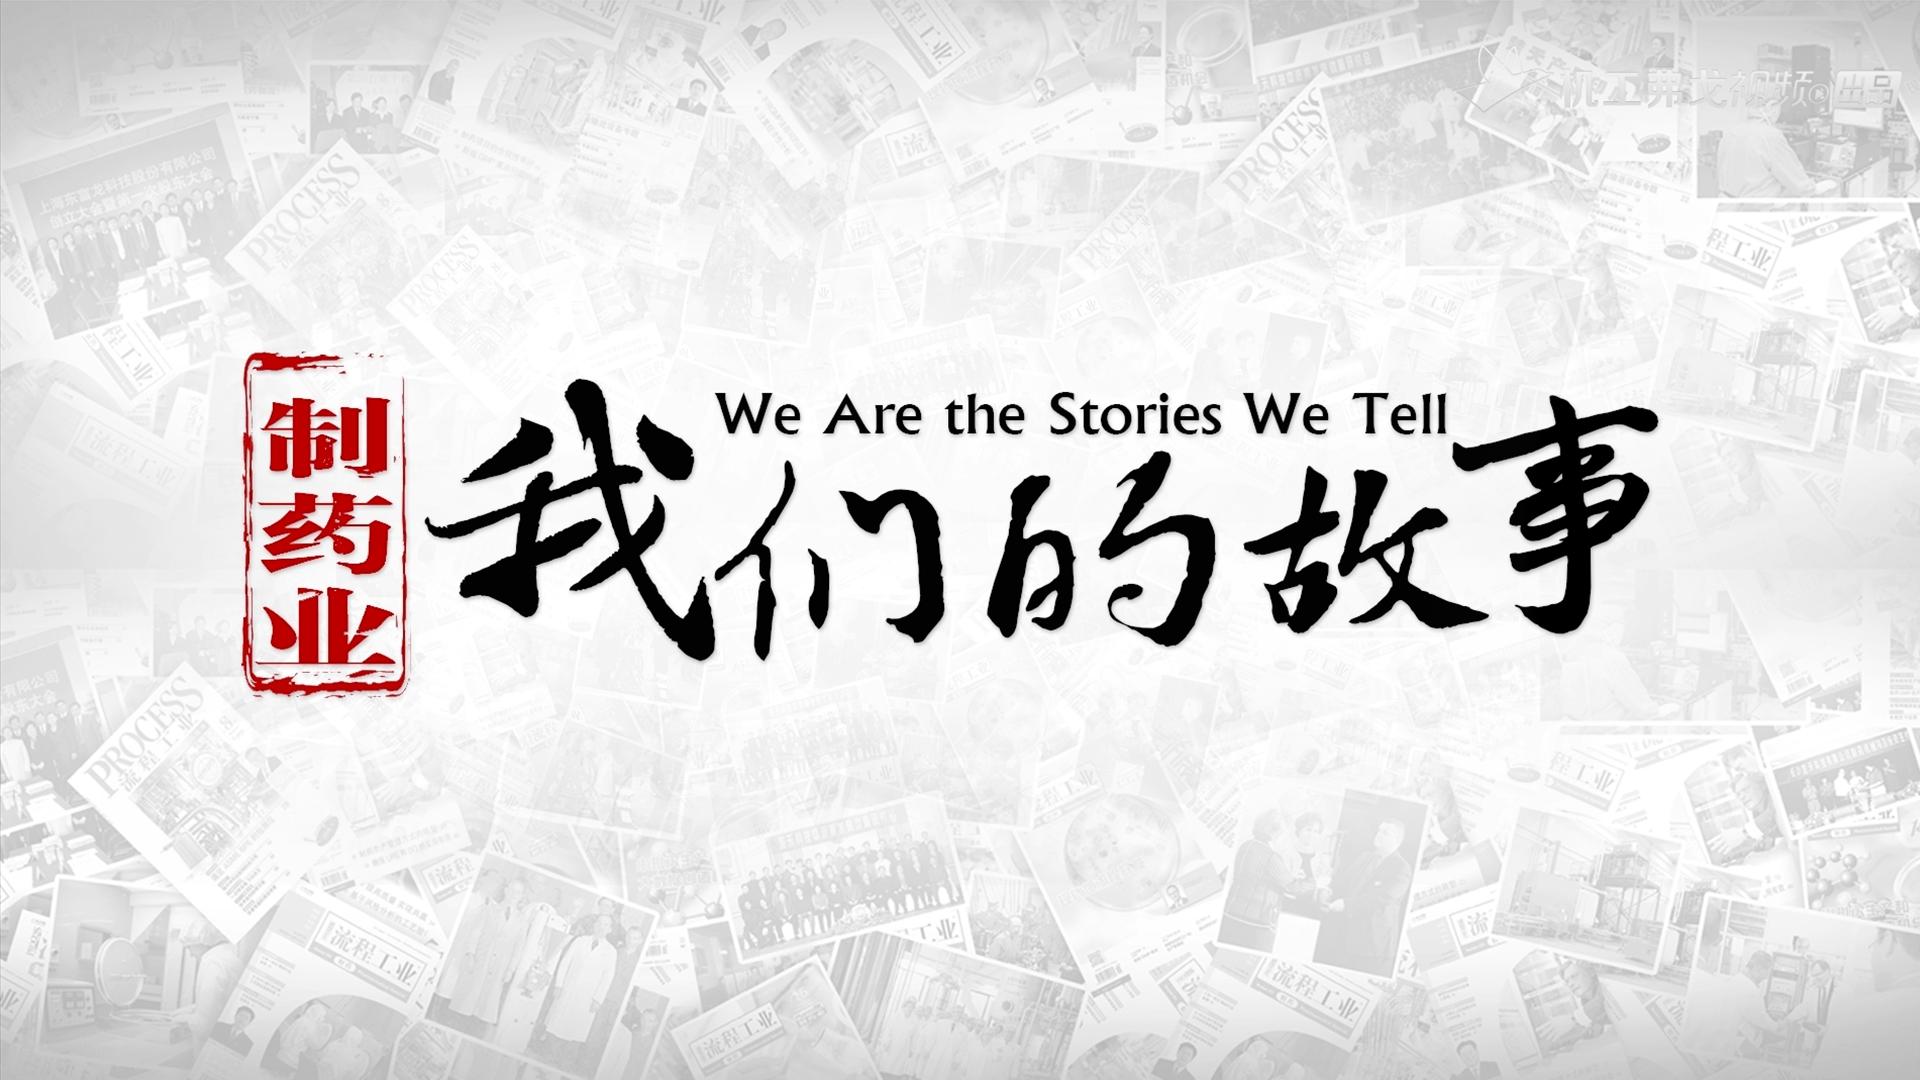 【我们的故事】制药业我们的故事